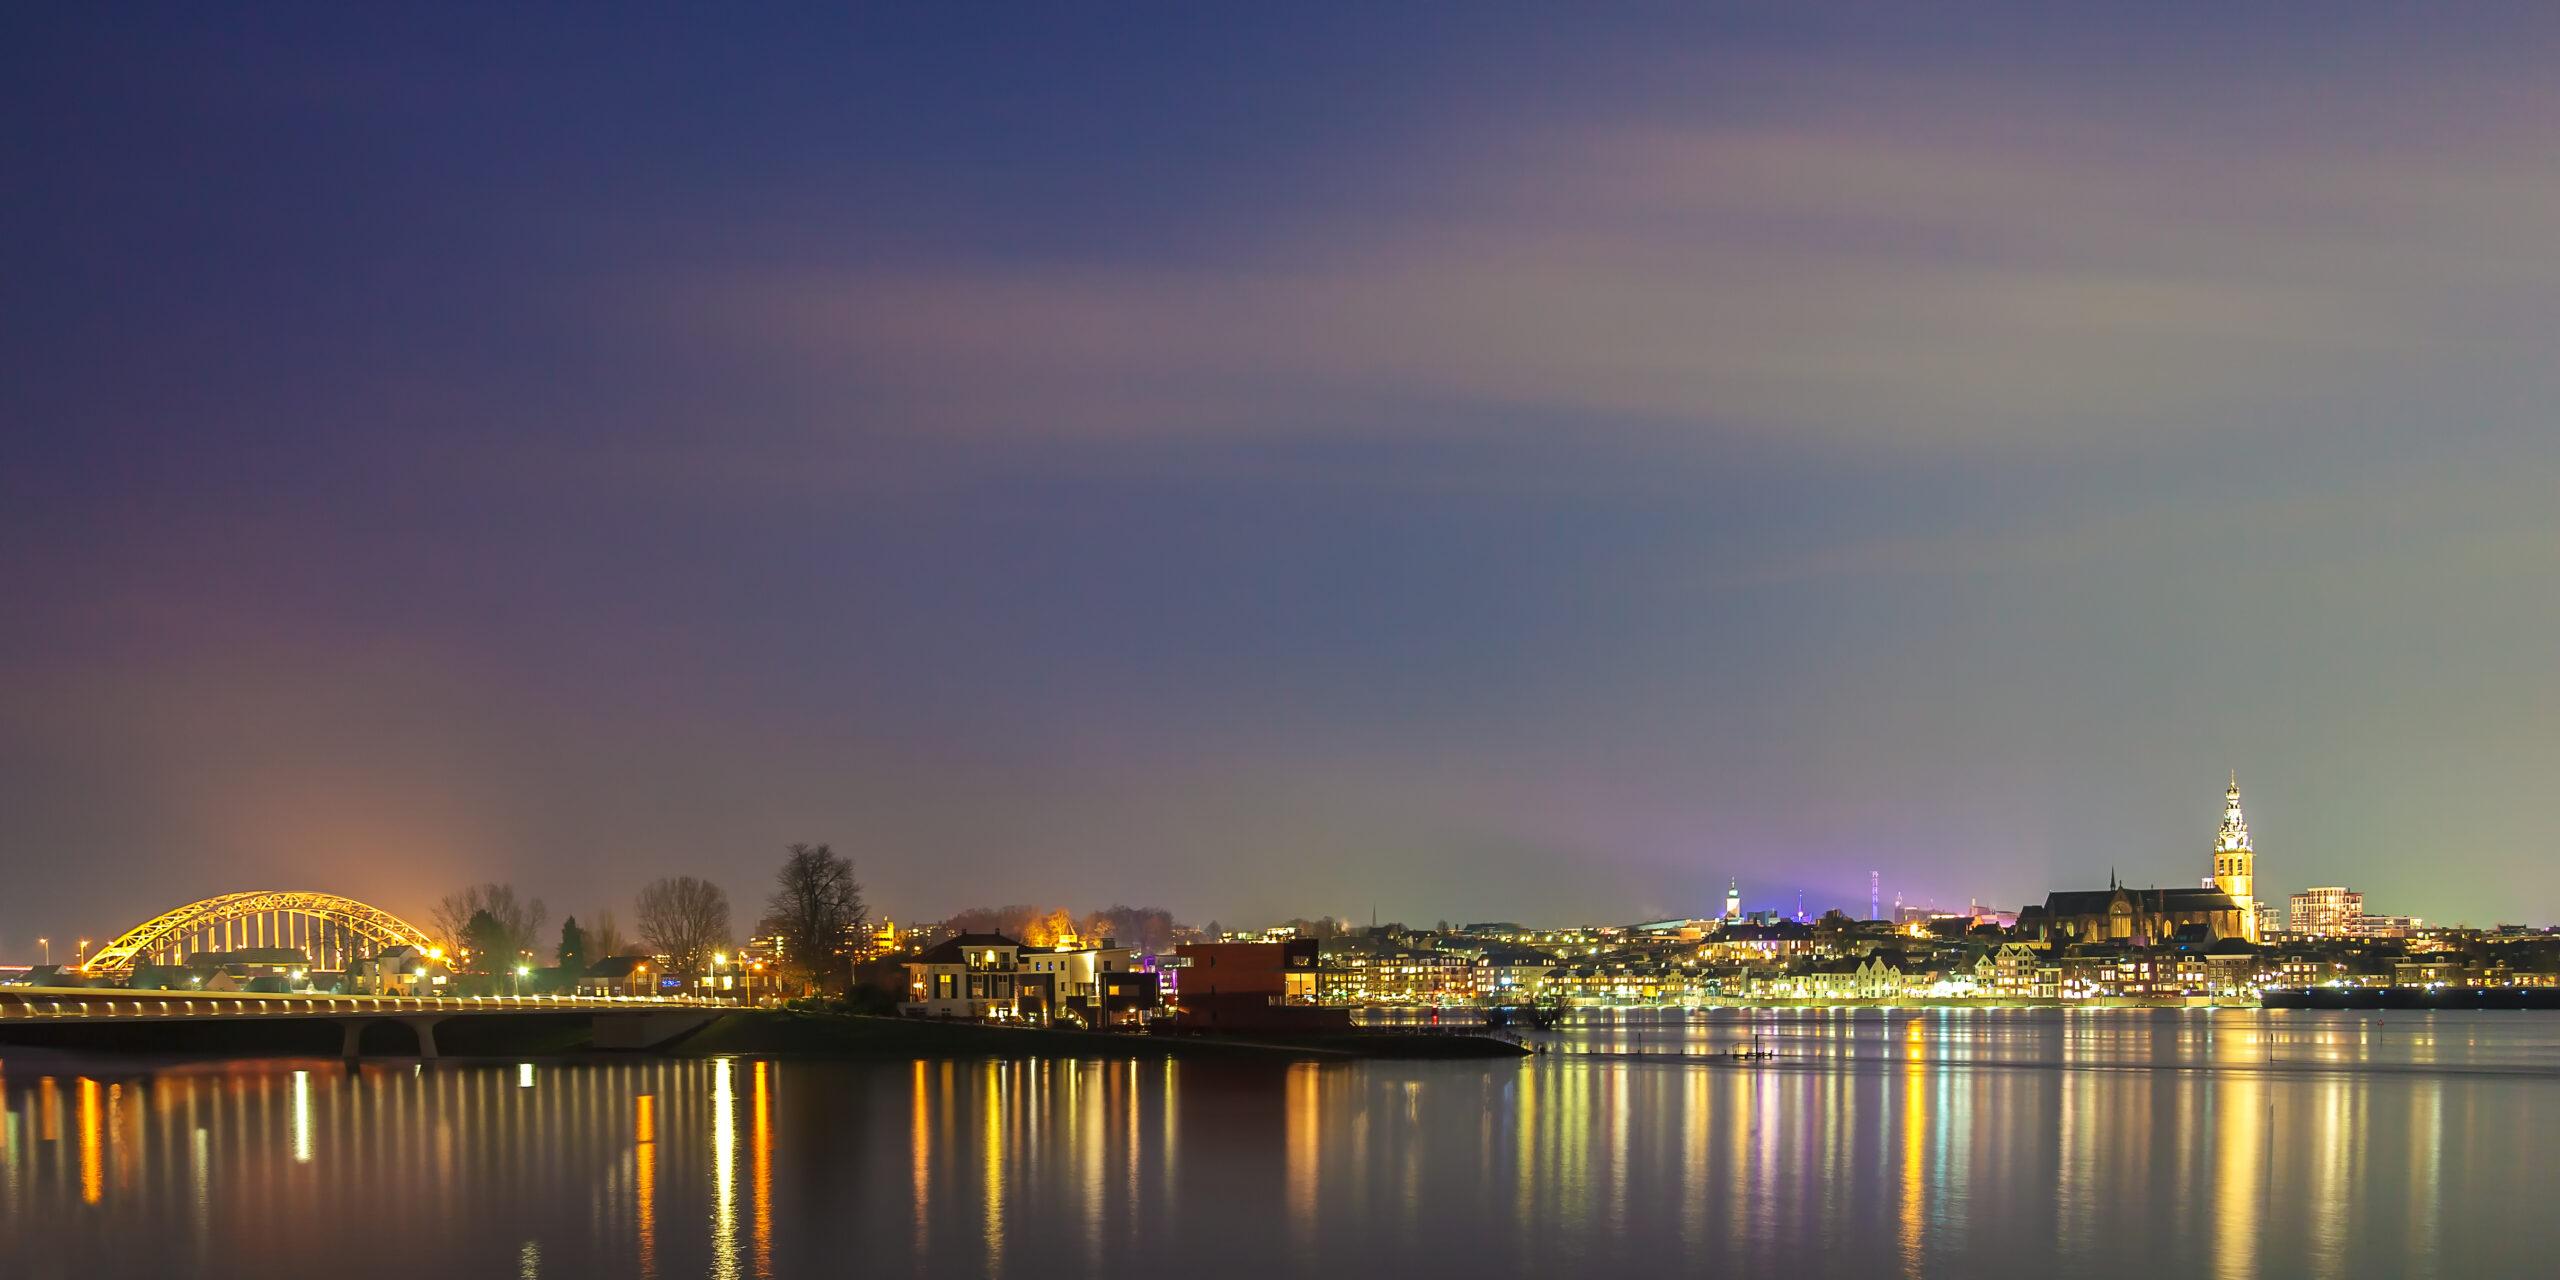 Klusjesman in Nijmegen nodig?